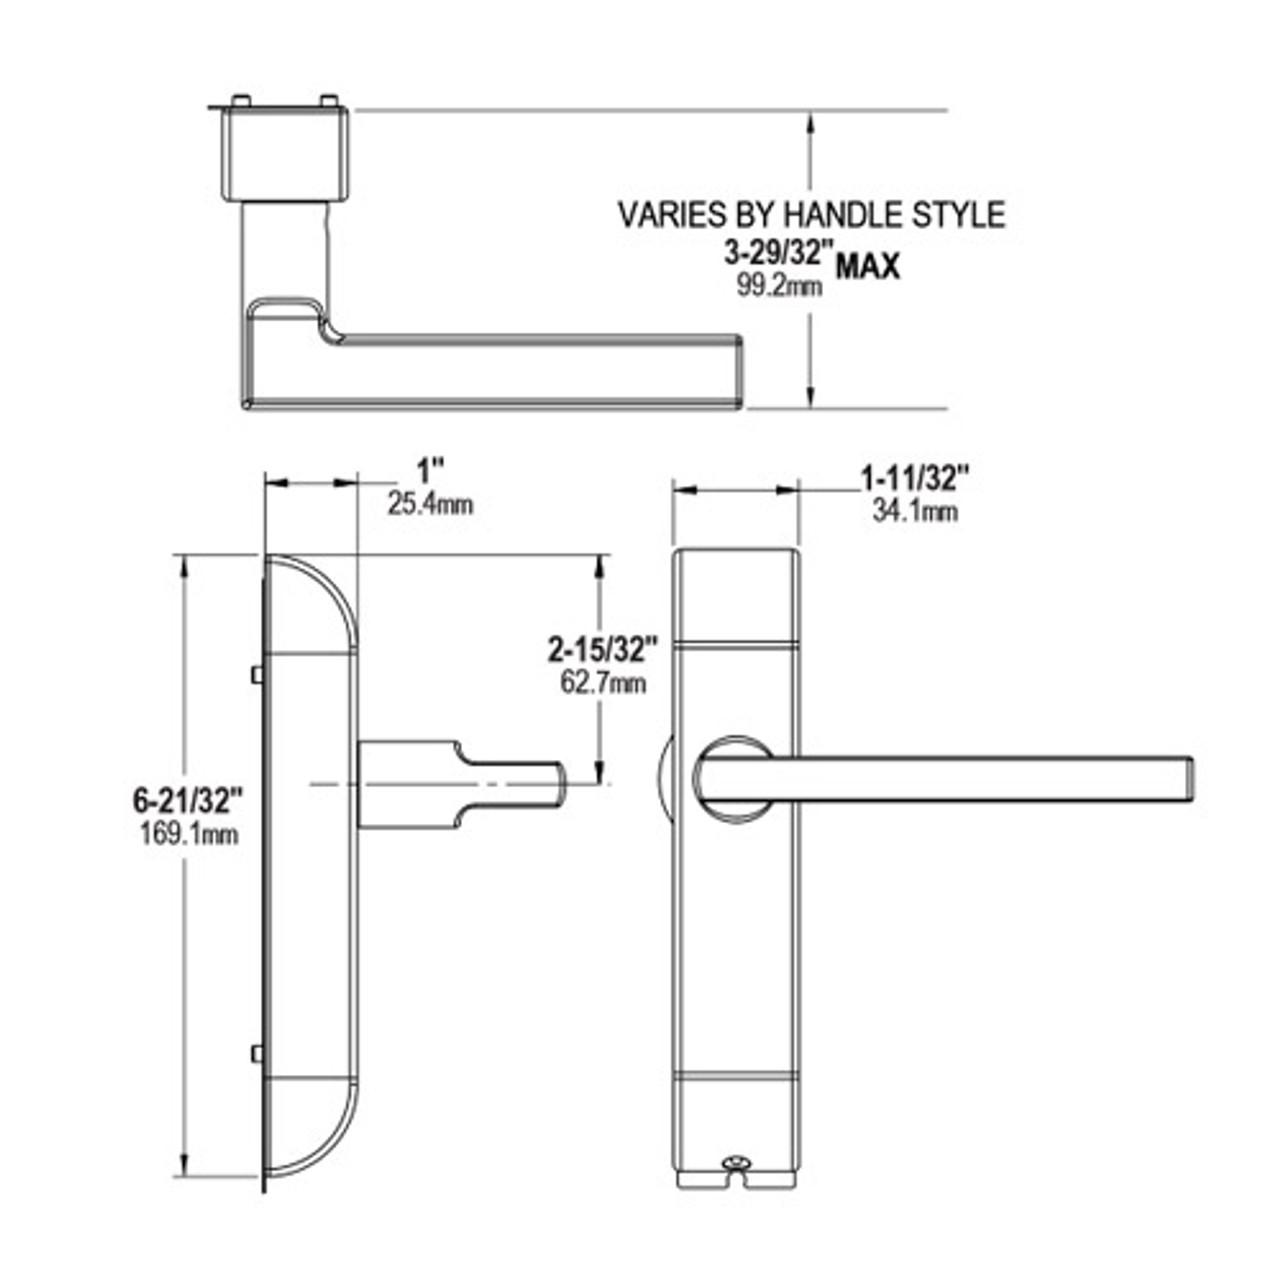 4600-MN-632-US4 Adams Rite MN Designer handle Dimensional View